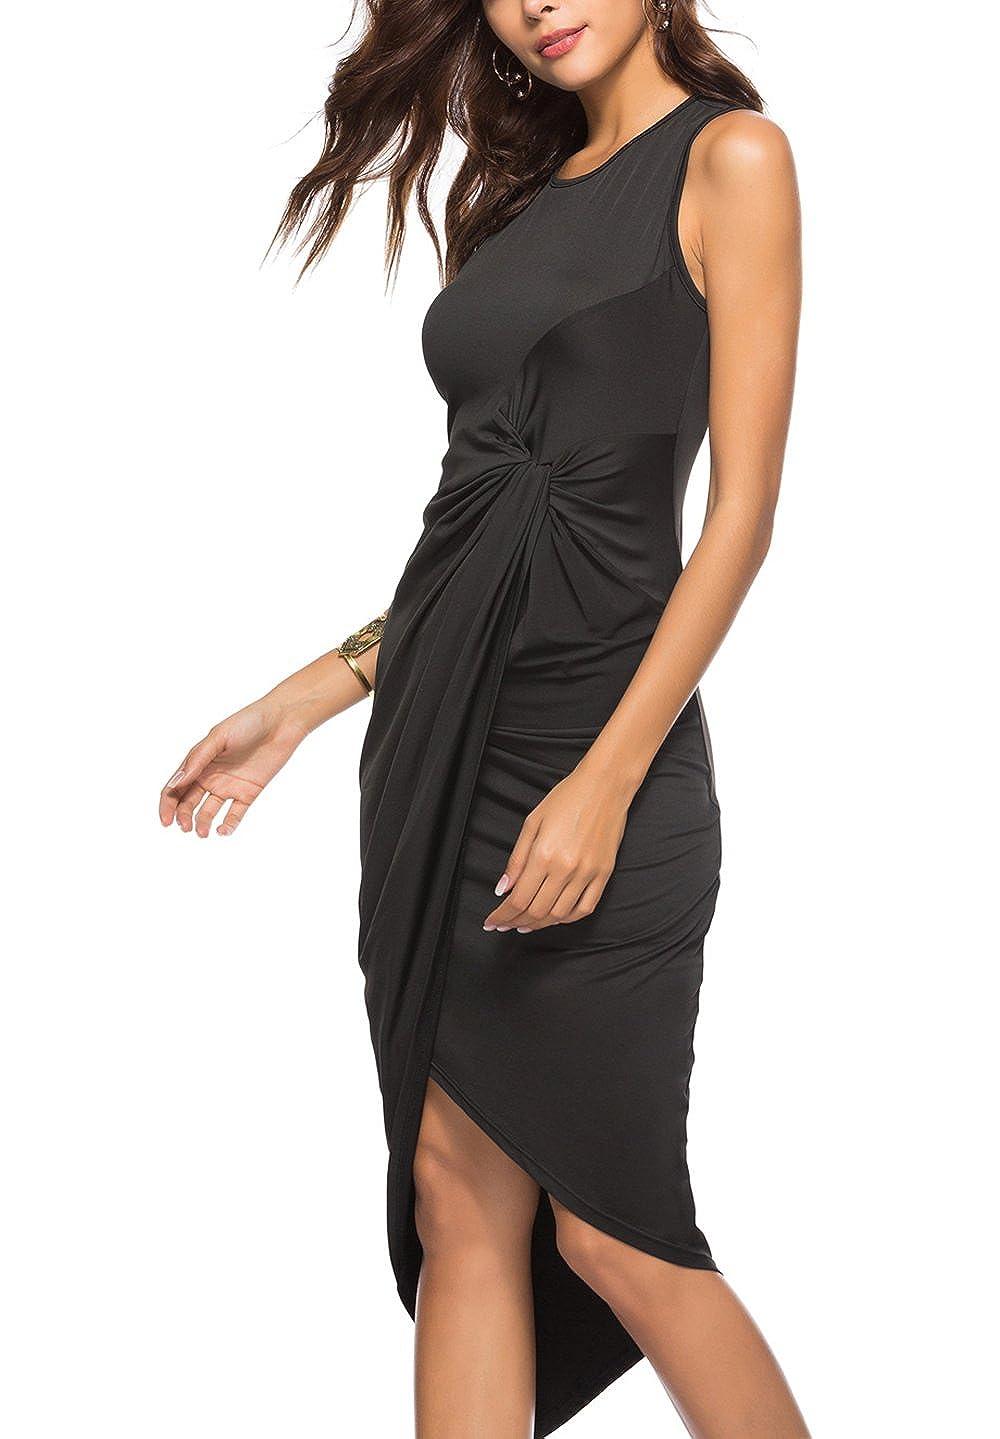 3917029a205 YOSICIL Femme Robe Longue Sexy Asymétrique Robe Plissée Noir sans Manches  Elégante Robe de Soirée Cocktail Club  Amazon.fr  Vêtements et accessoires